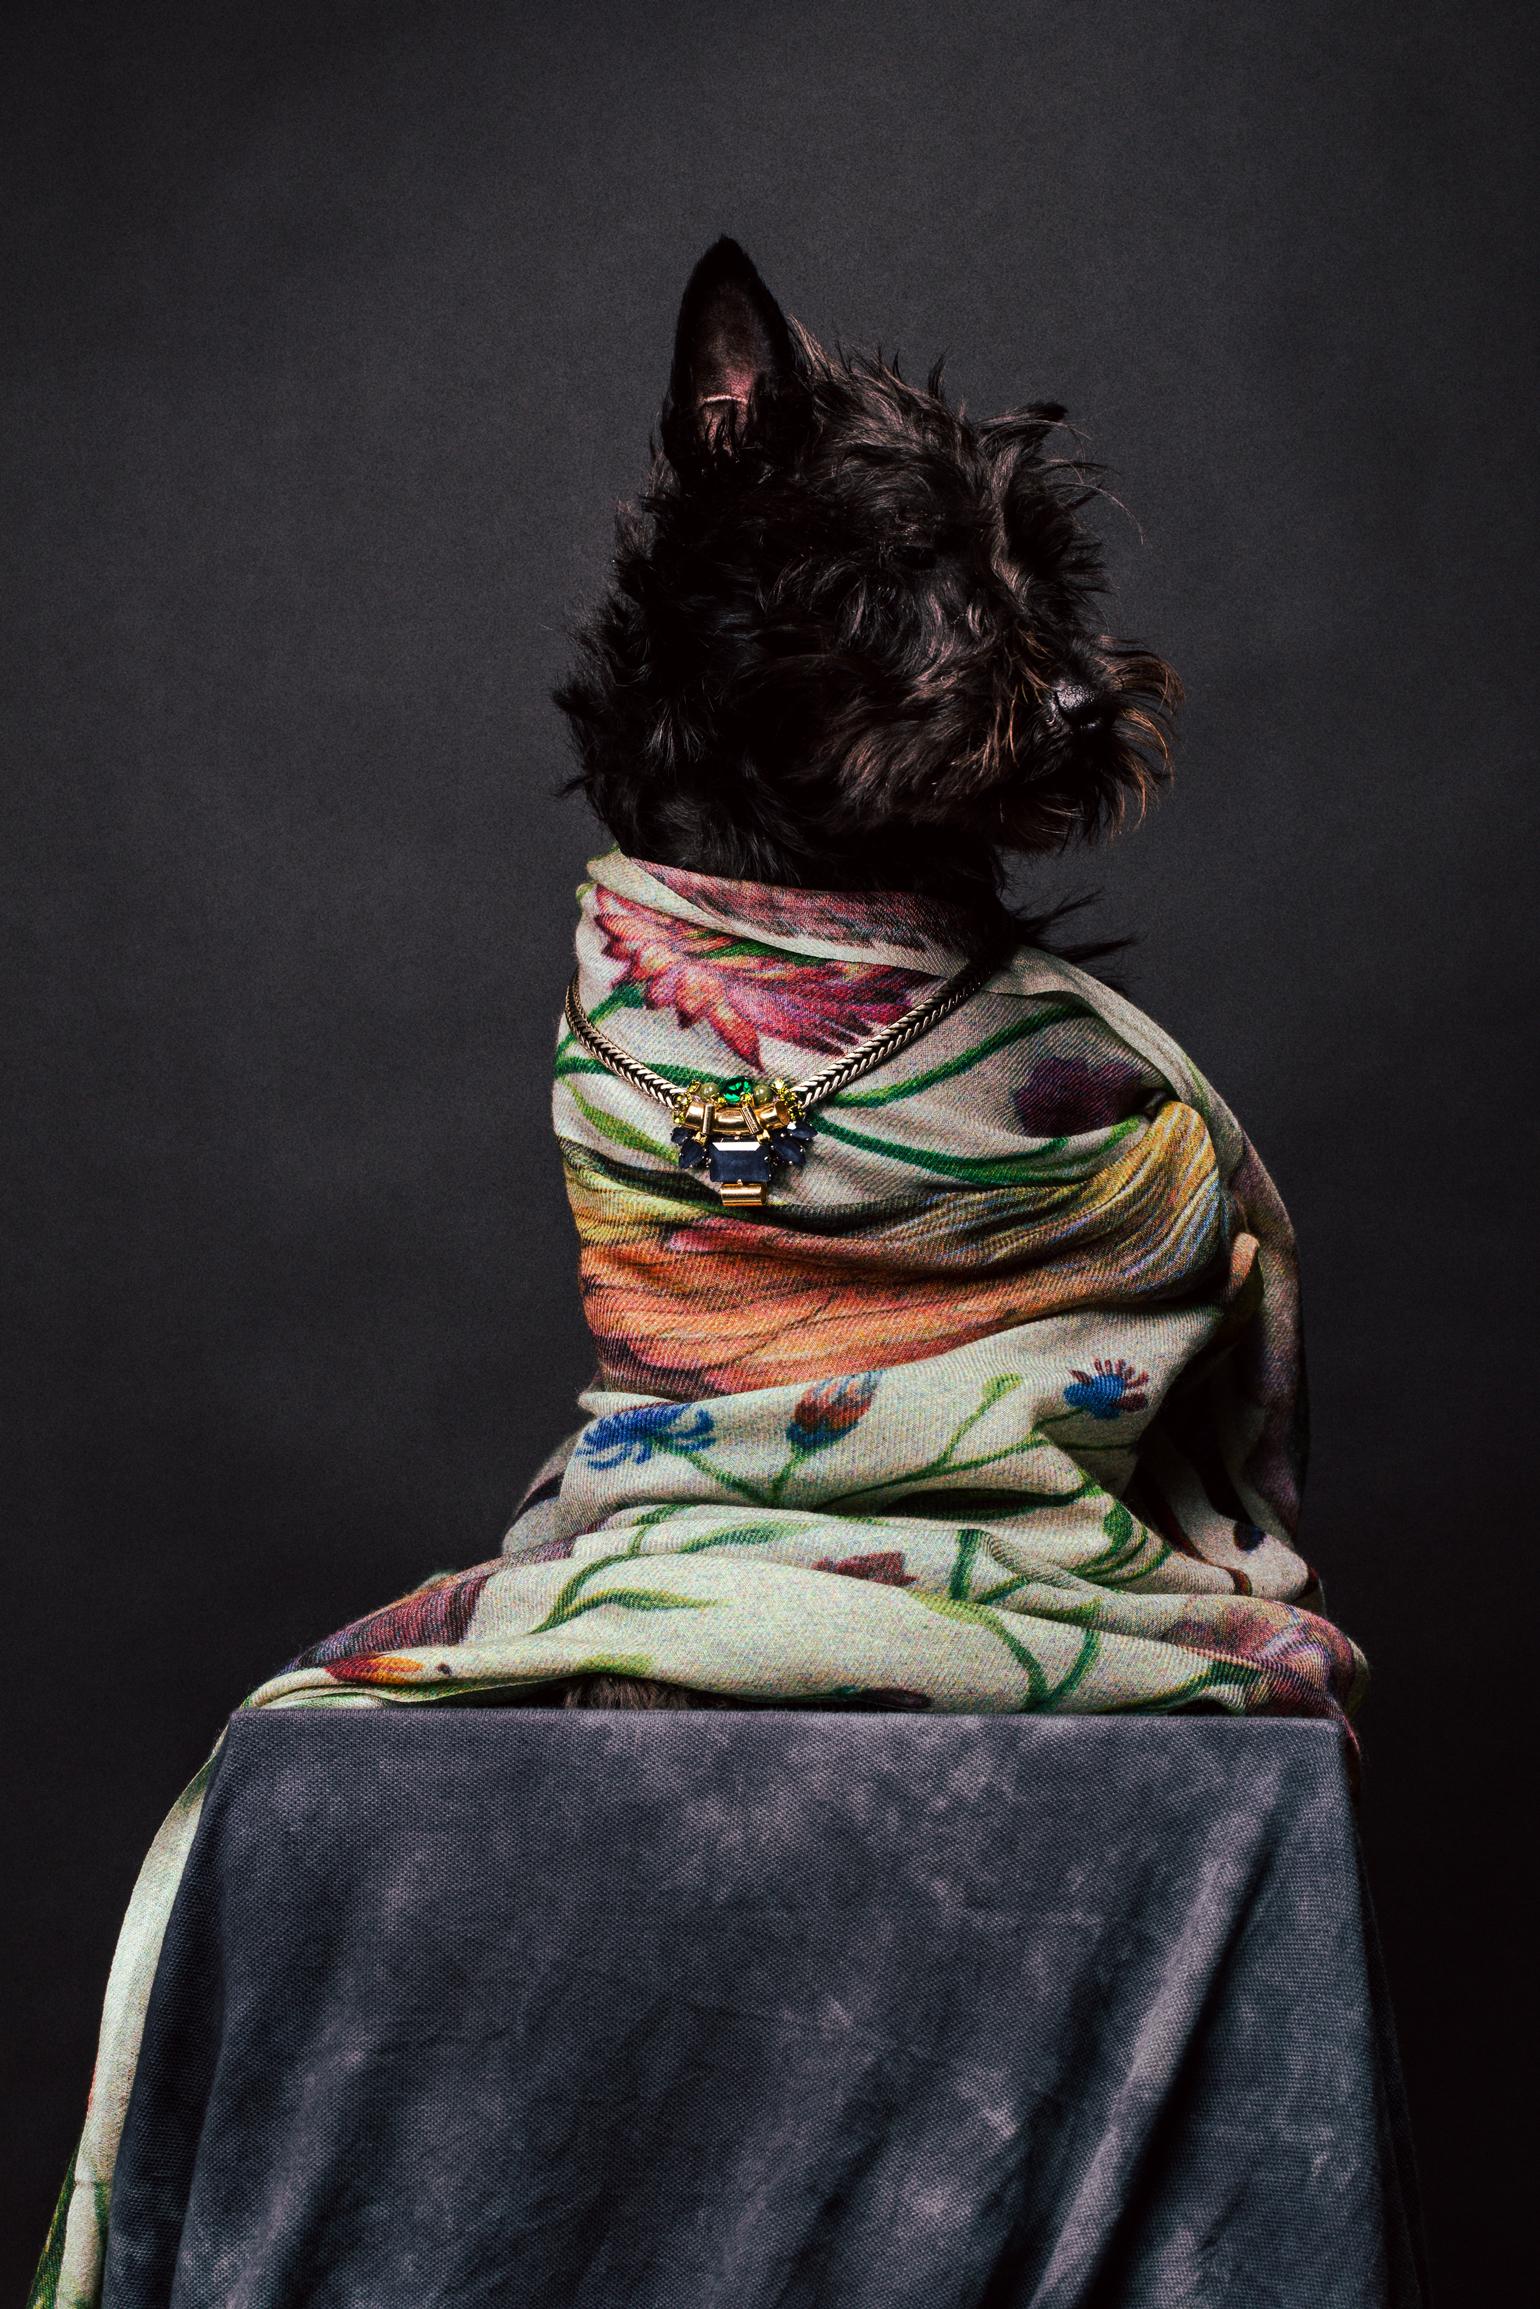 scarf - Paul Smith / necklace - Rada